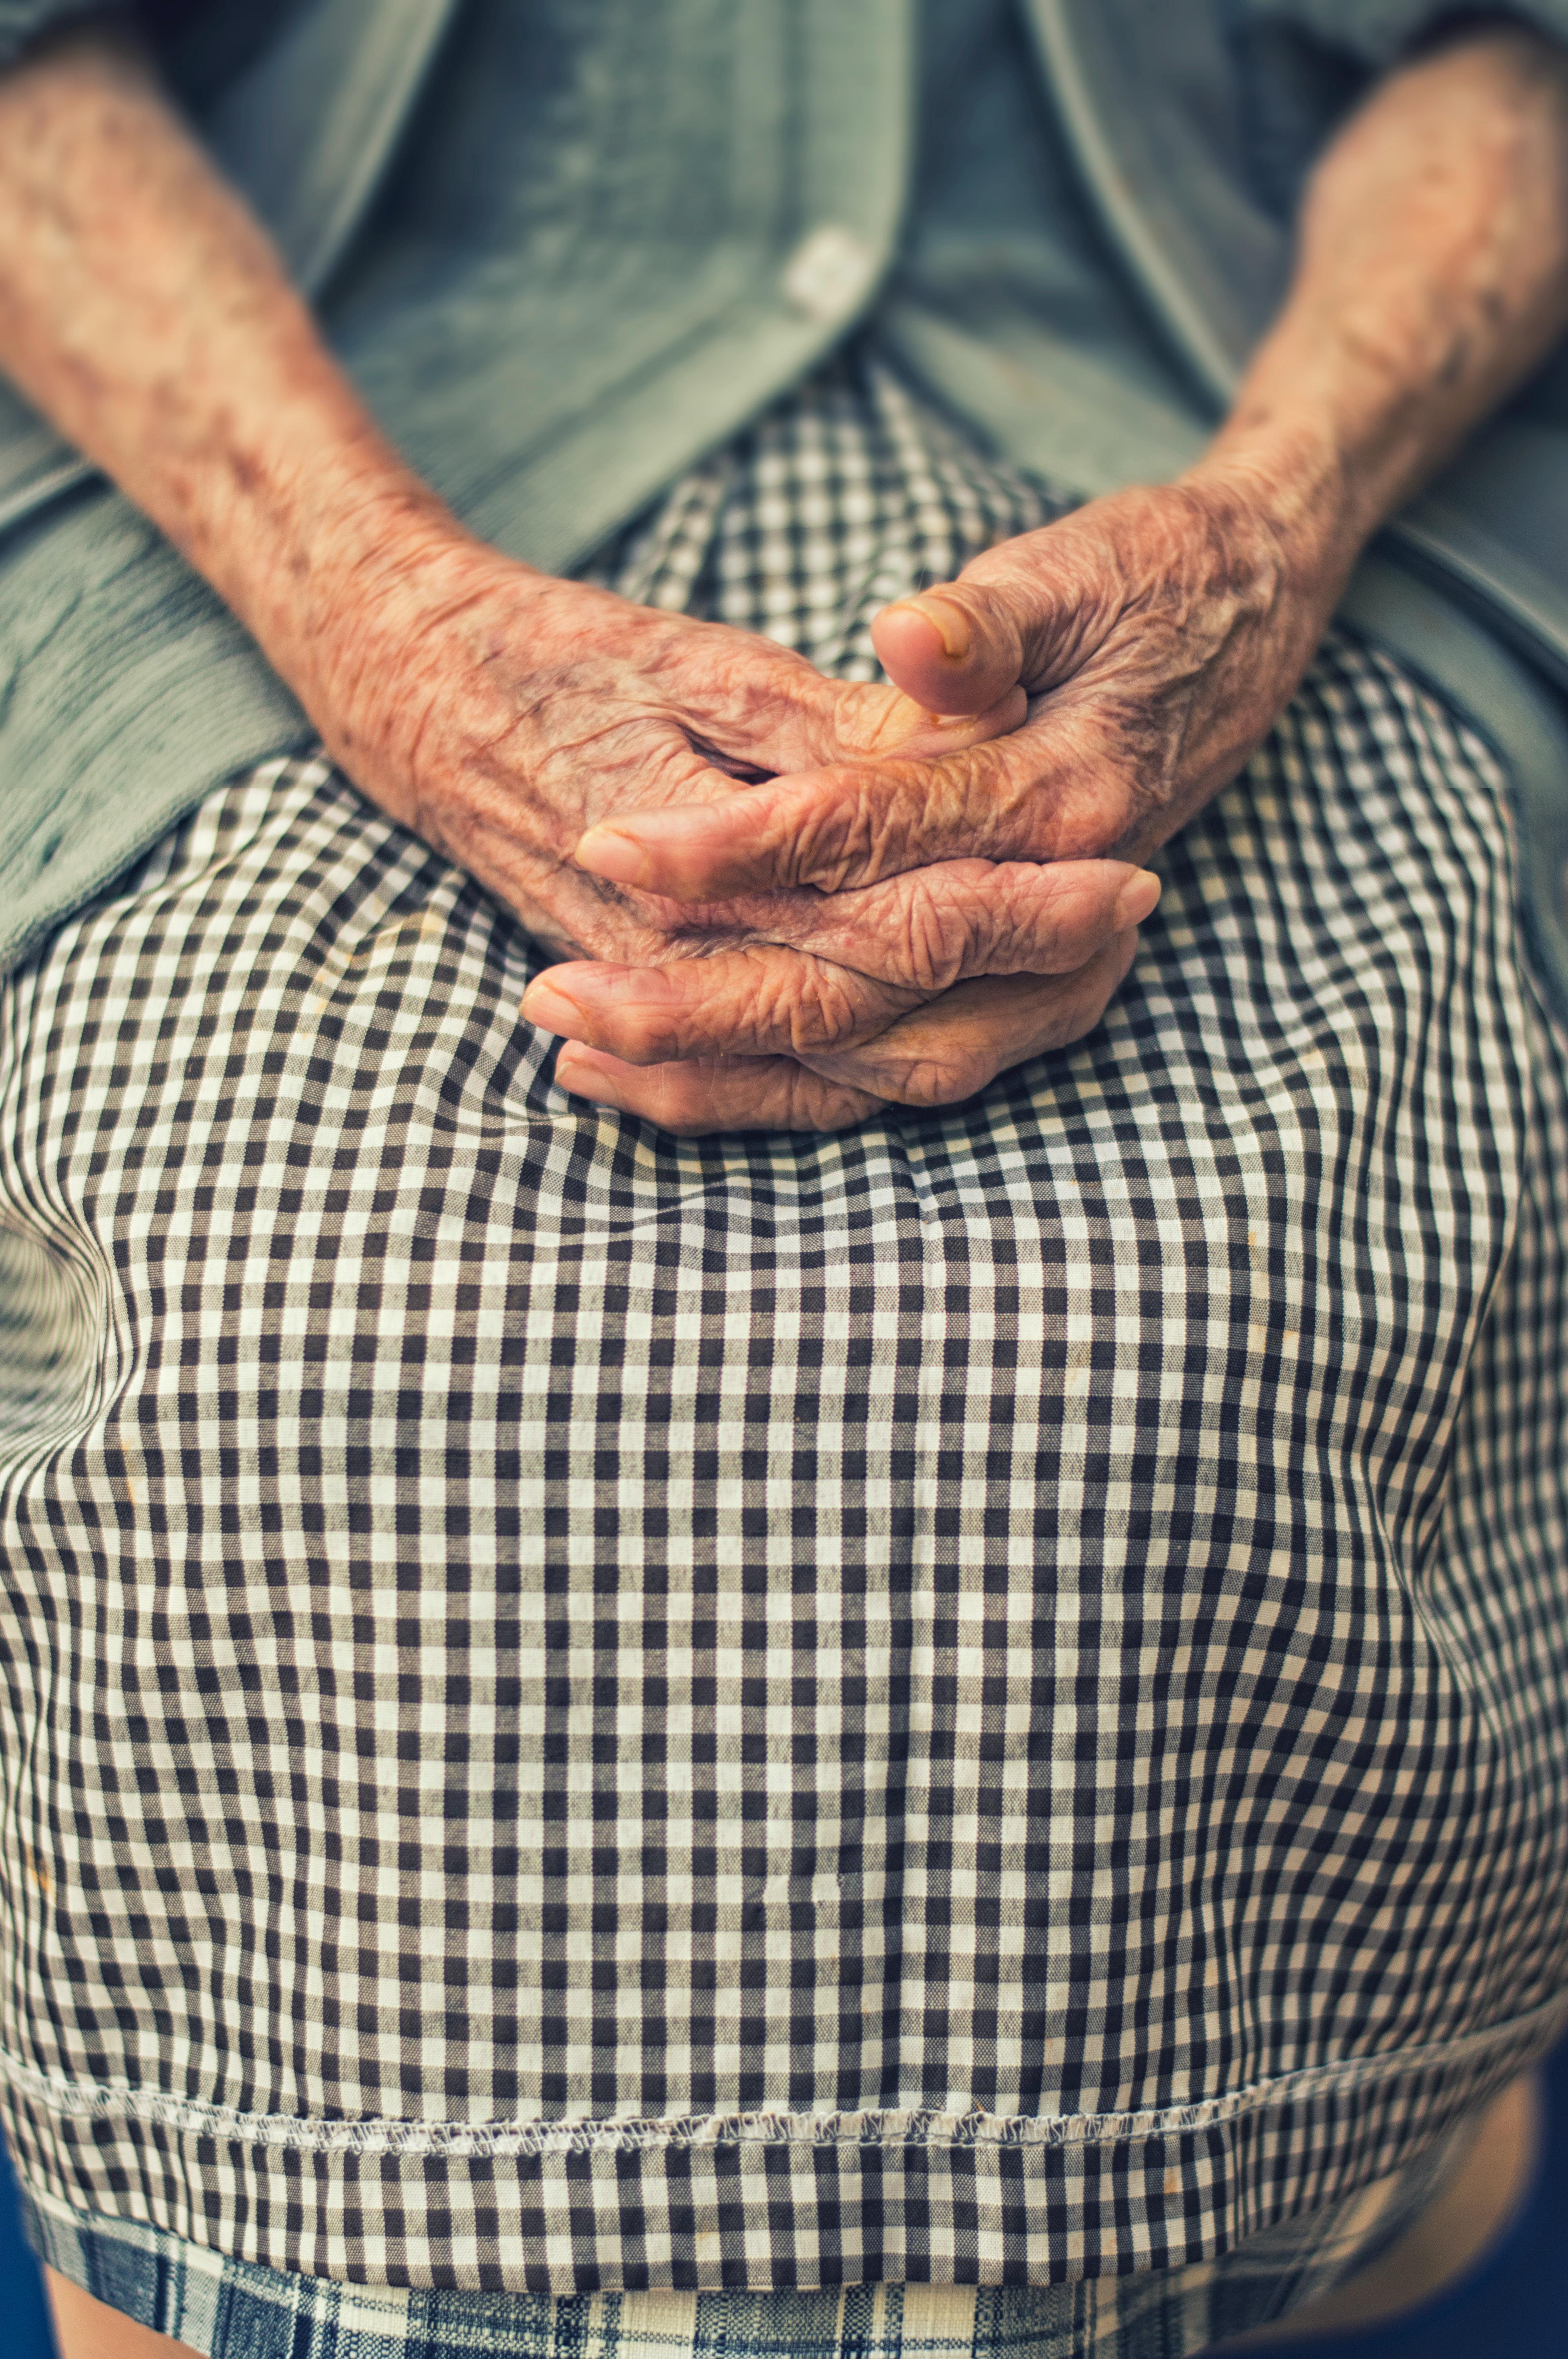 高齢者の4割が低体温!?|低体温になるとどうなるの?|熱不足の原因|高齢者向け低体温対策|#ためしてガッテン(#NHK)